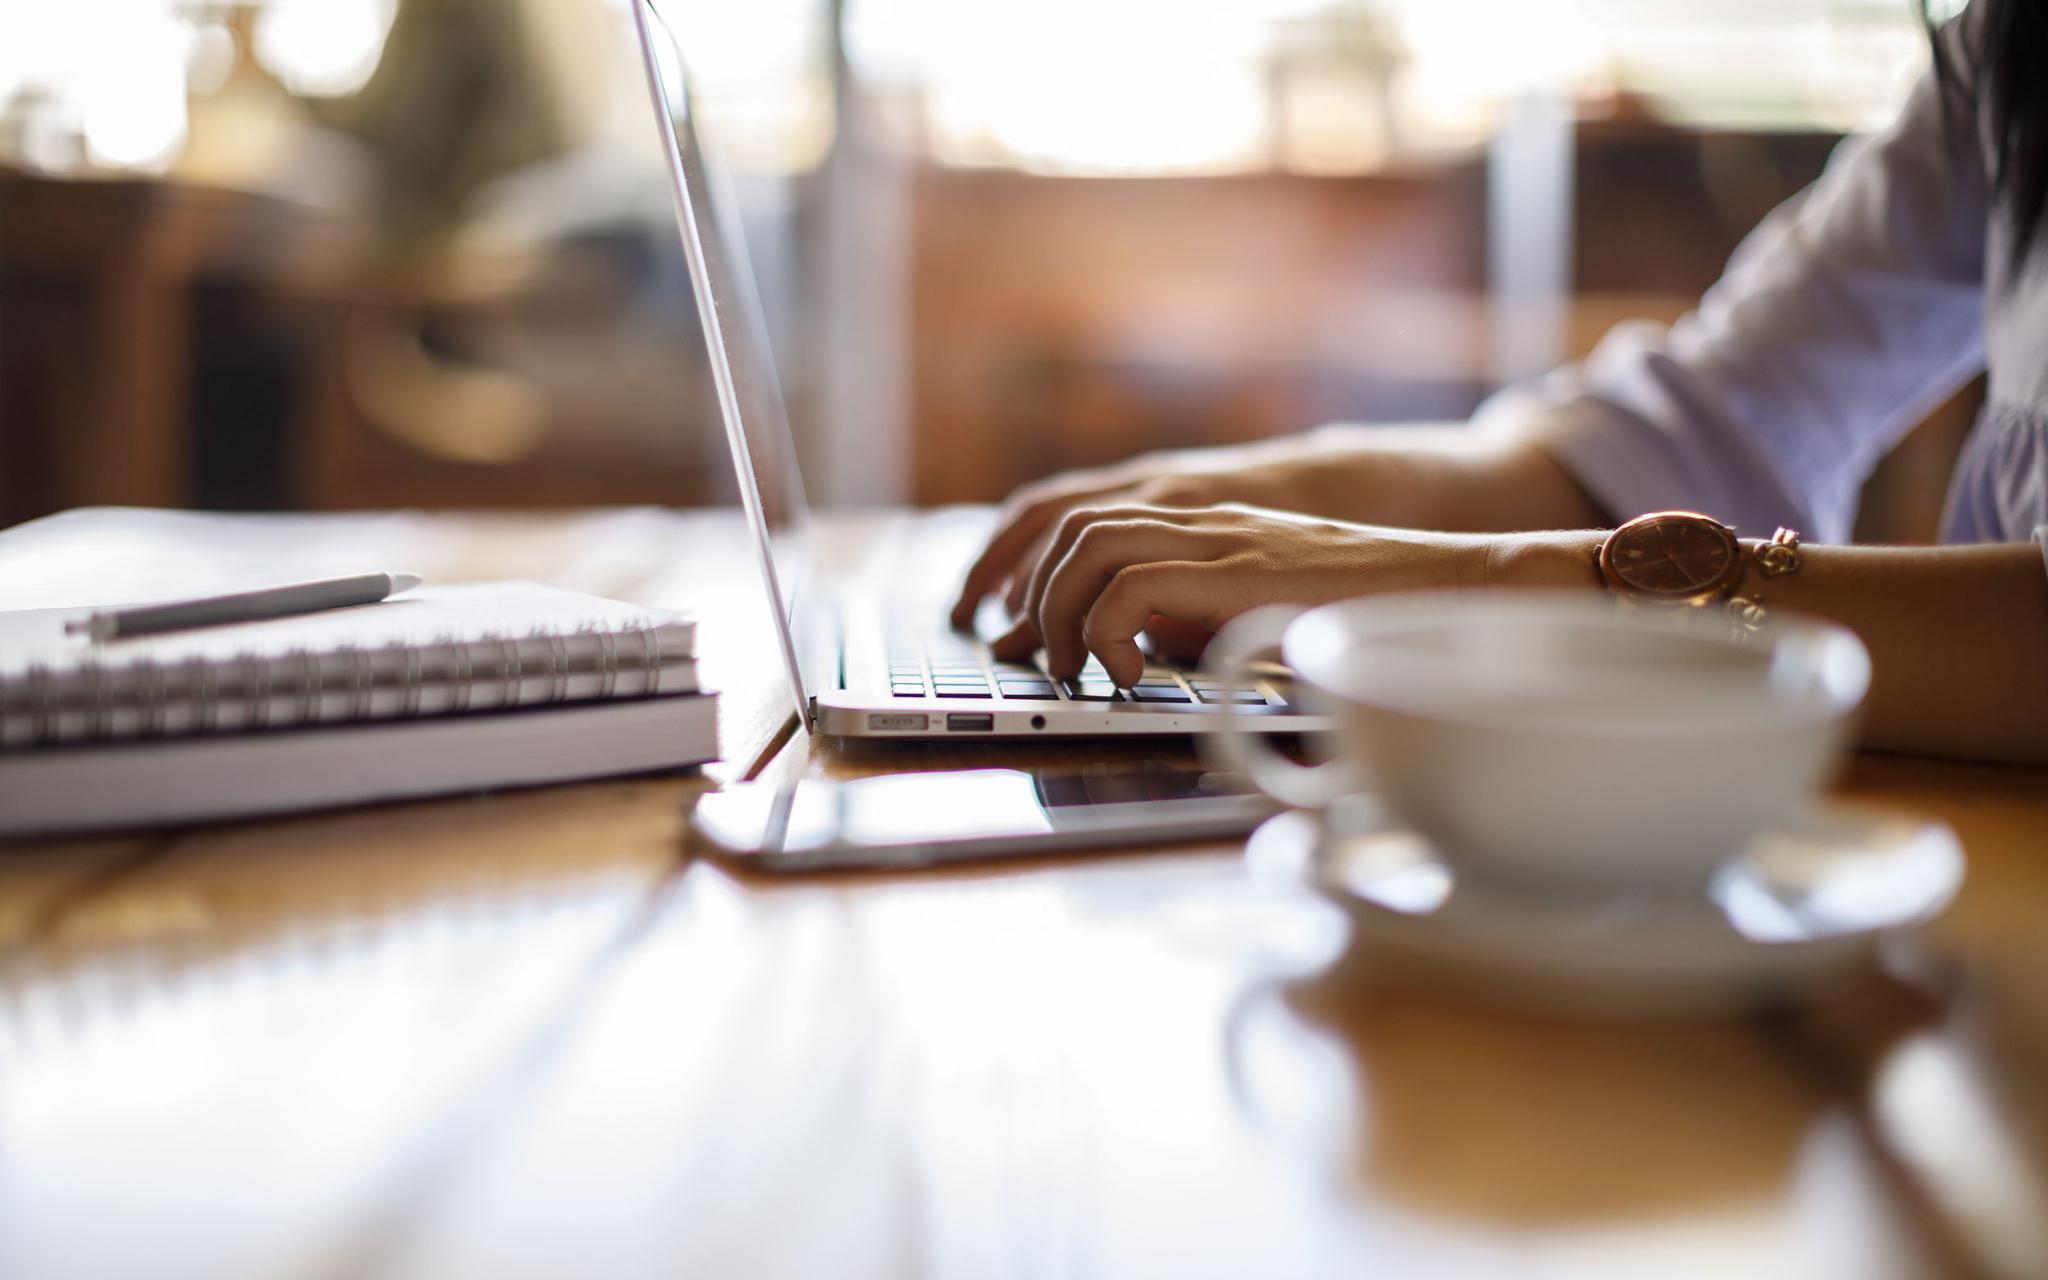 私募居家办公:电话取代实地调研,网速比撸猫还耽误事图片